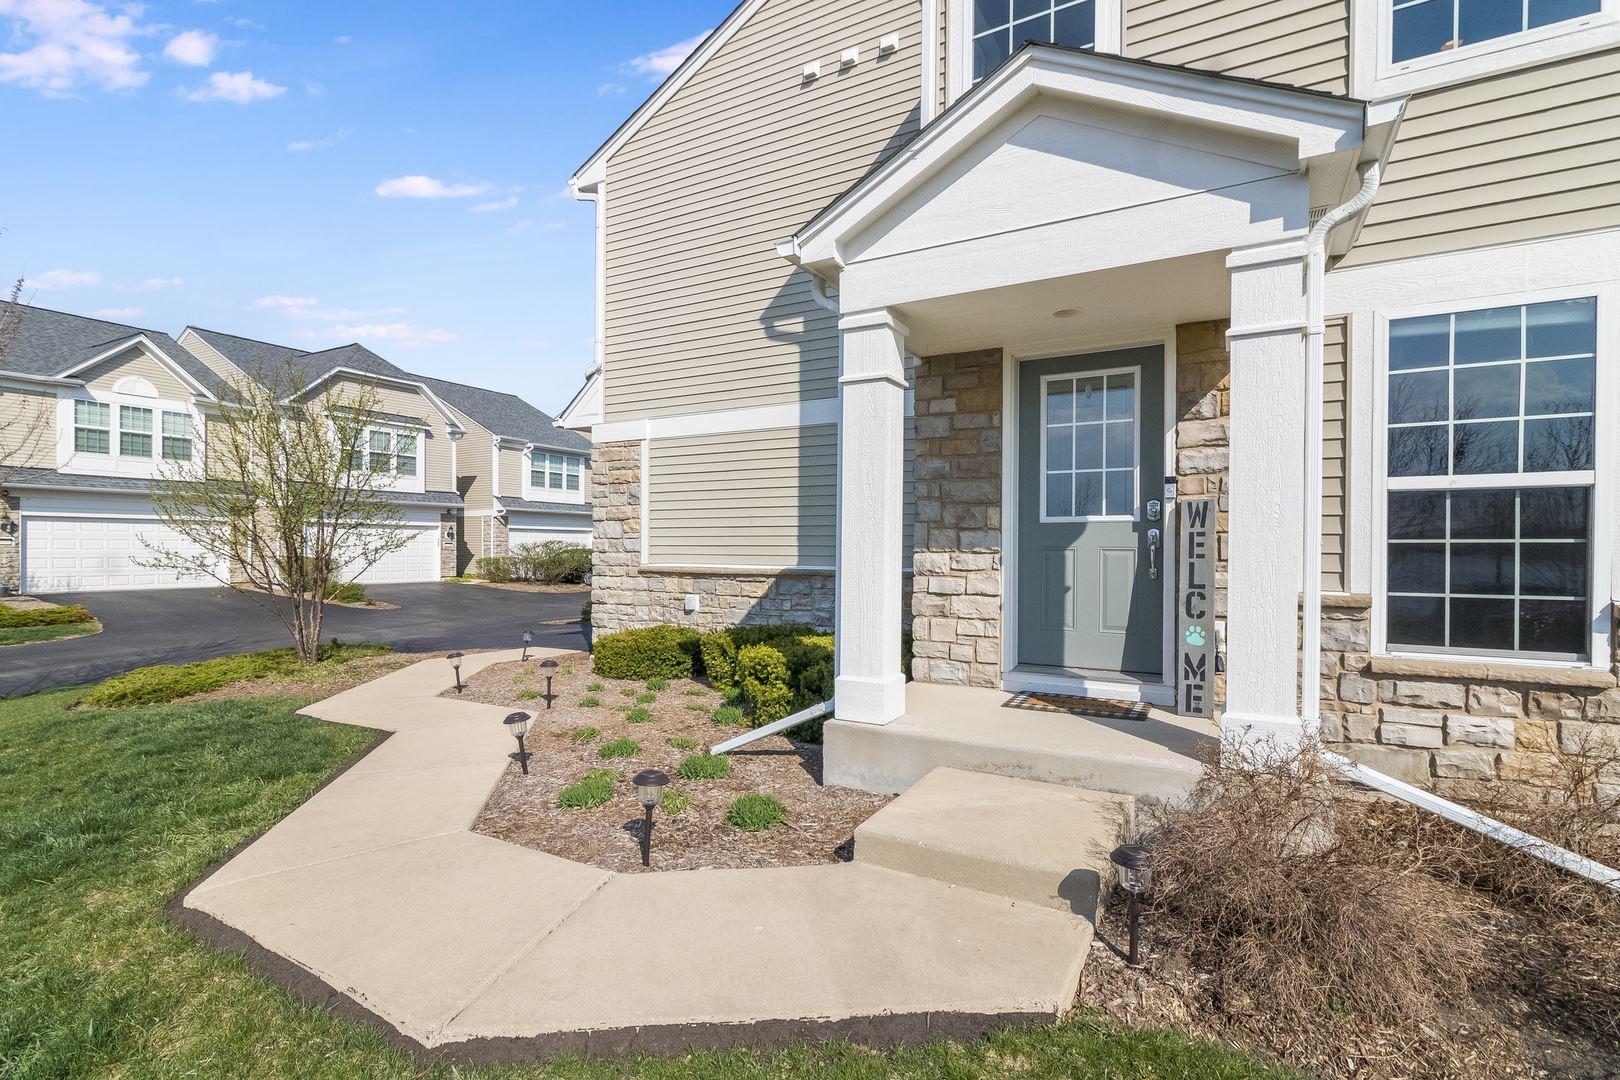 Photo of 361 Devoe Drive, Oswego, IL 60543 (MLS # 11032150)